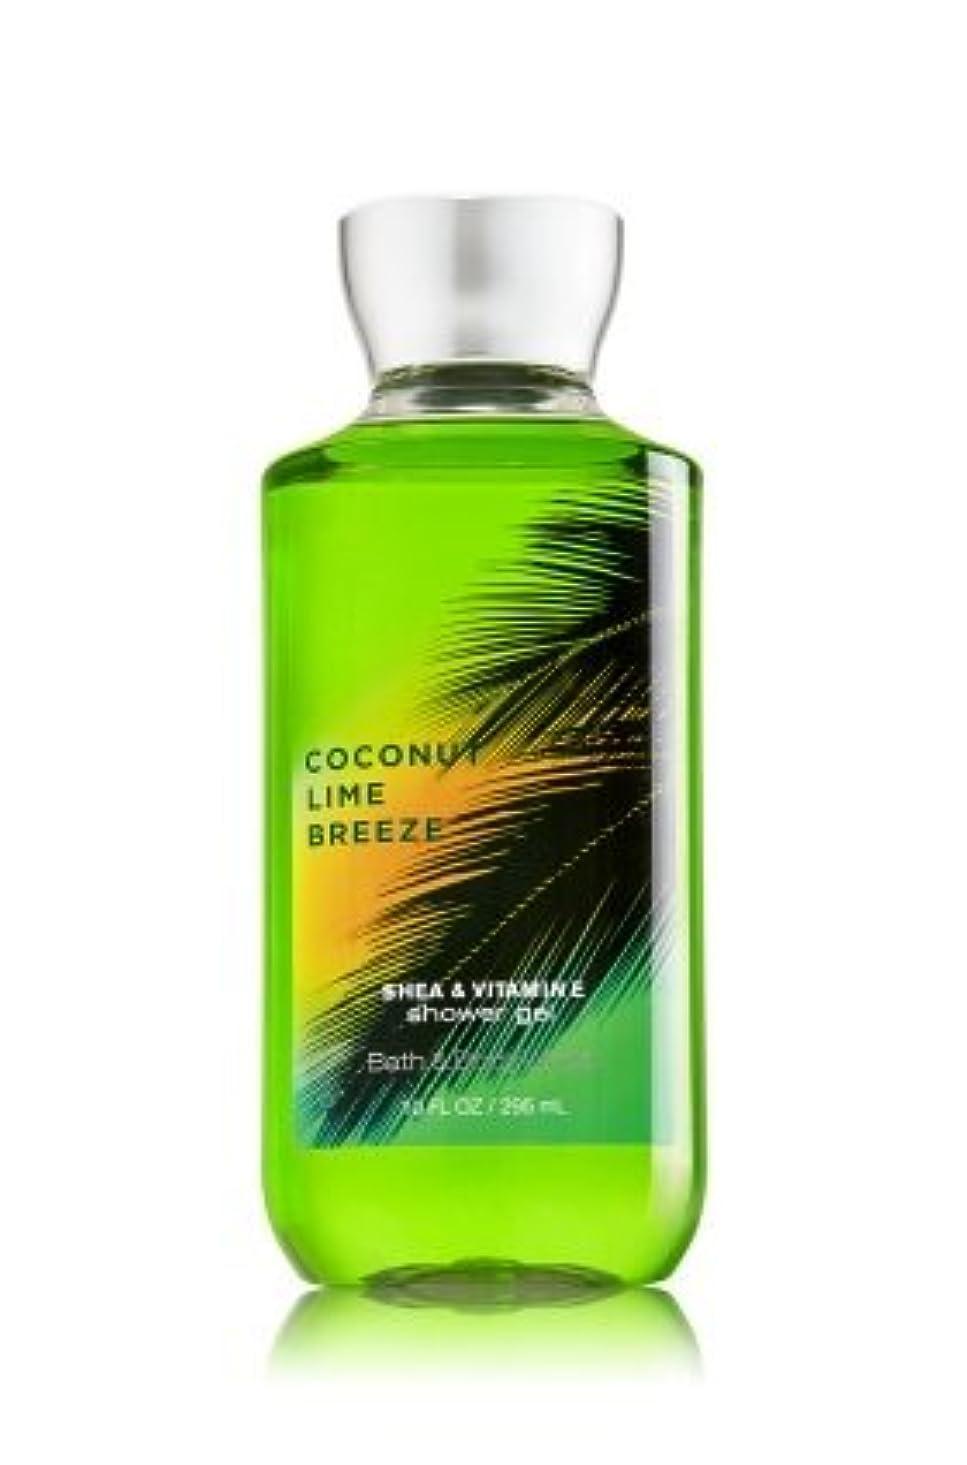 重要な役割を果たす、中心的な手段となる消去宿題【Bath&Body Works/バス&ボディワークス】 シャワージェル ココナッツライムブリーズ Shower Gel Coconut Lime Breeze 10 fl oz / 295 mL [並行輸入品]